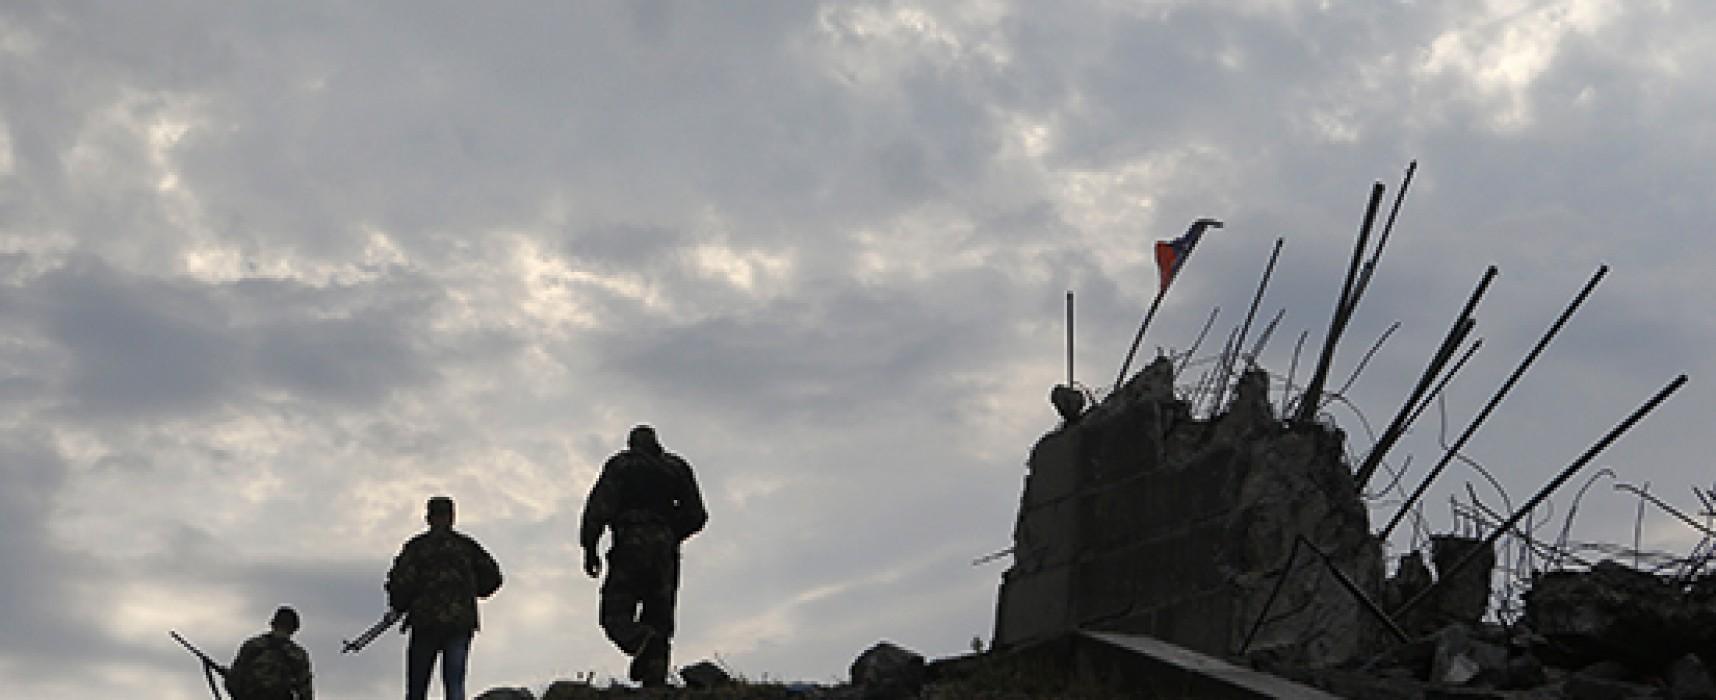 Российские солдаты в Украине: доказательства российских журналистов